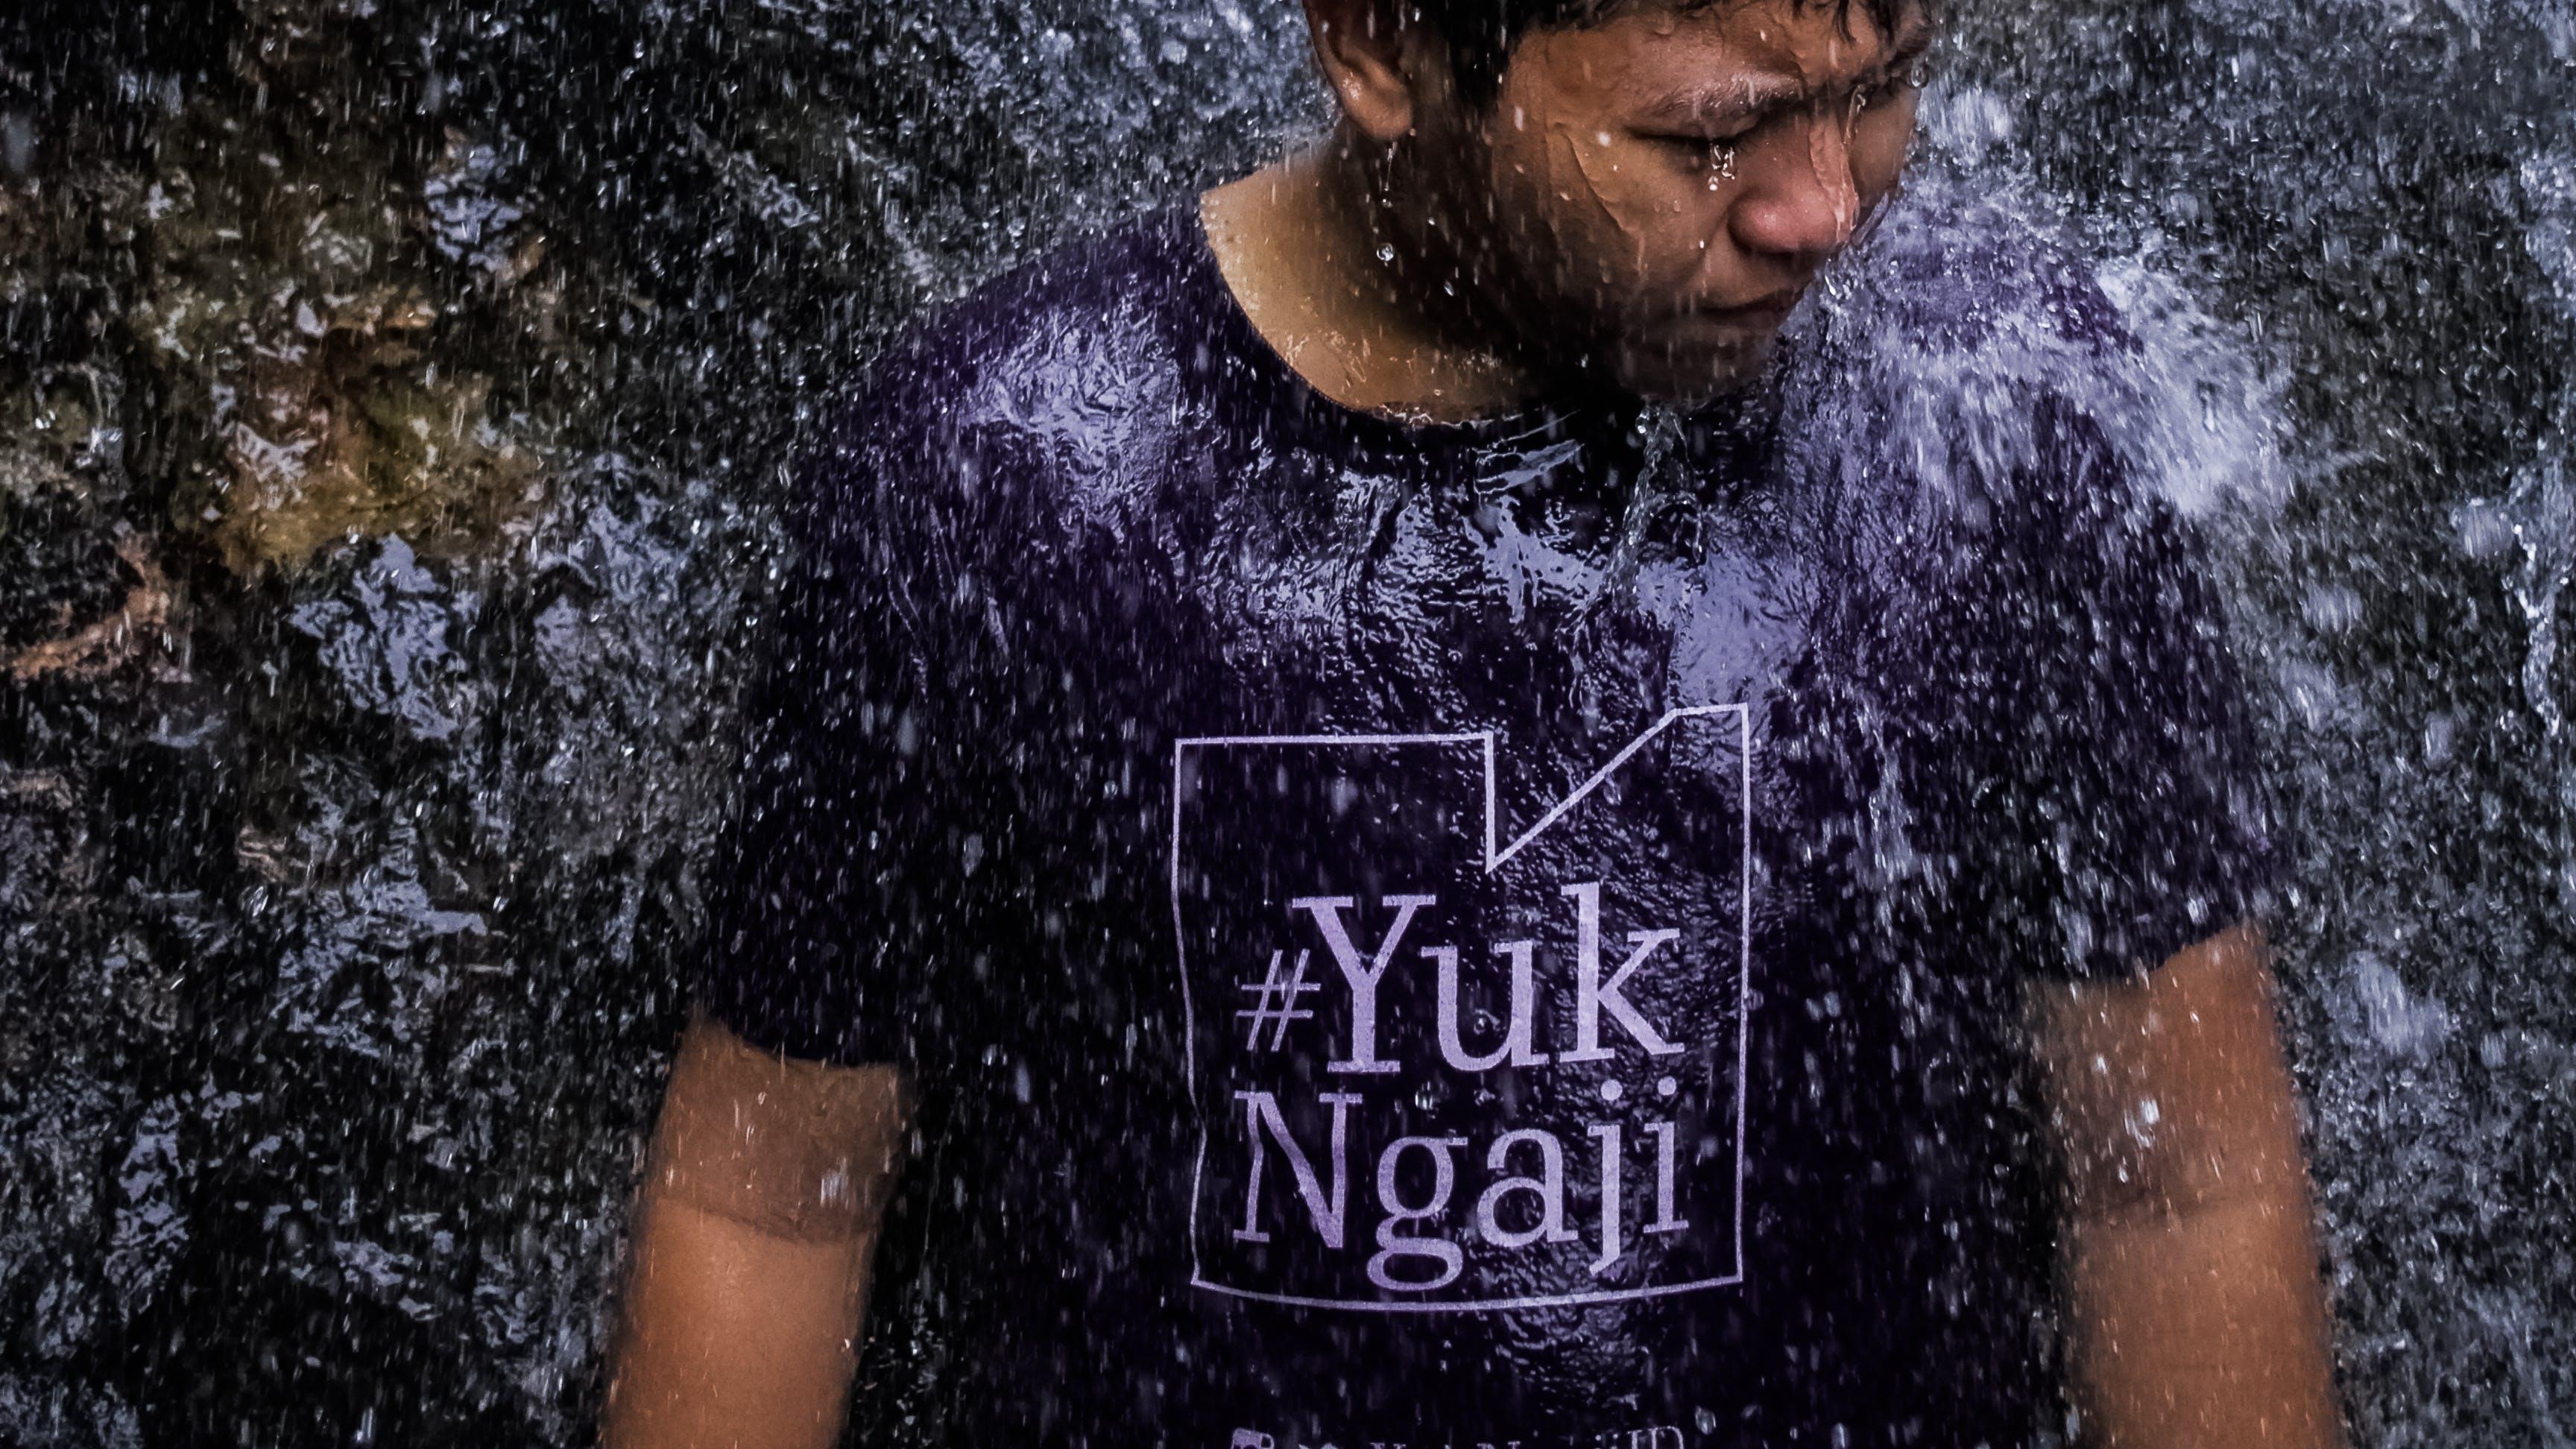 Gratis lagerfoto af asiatisk dreng, muslim, sprøjt, vandsprøjt